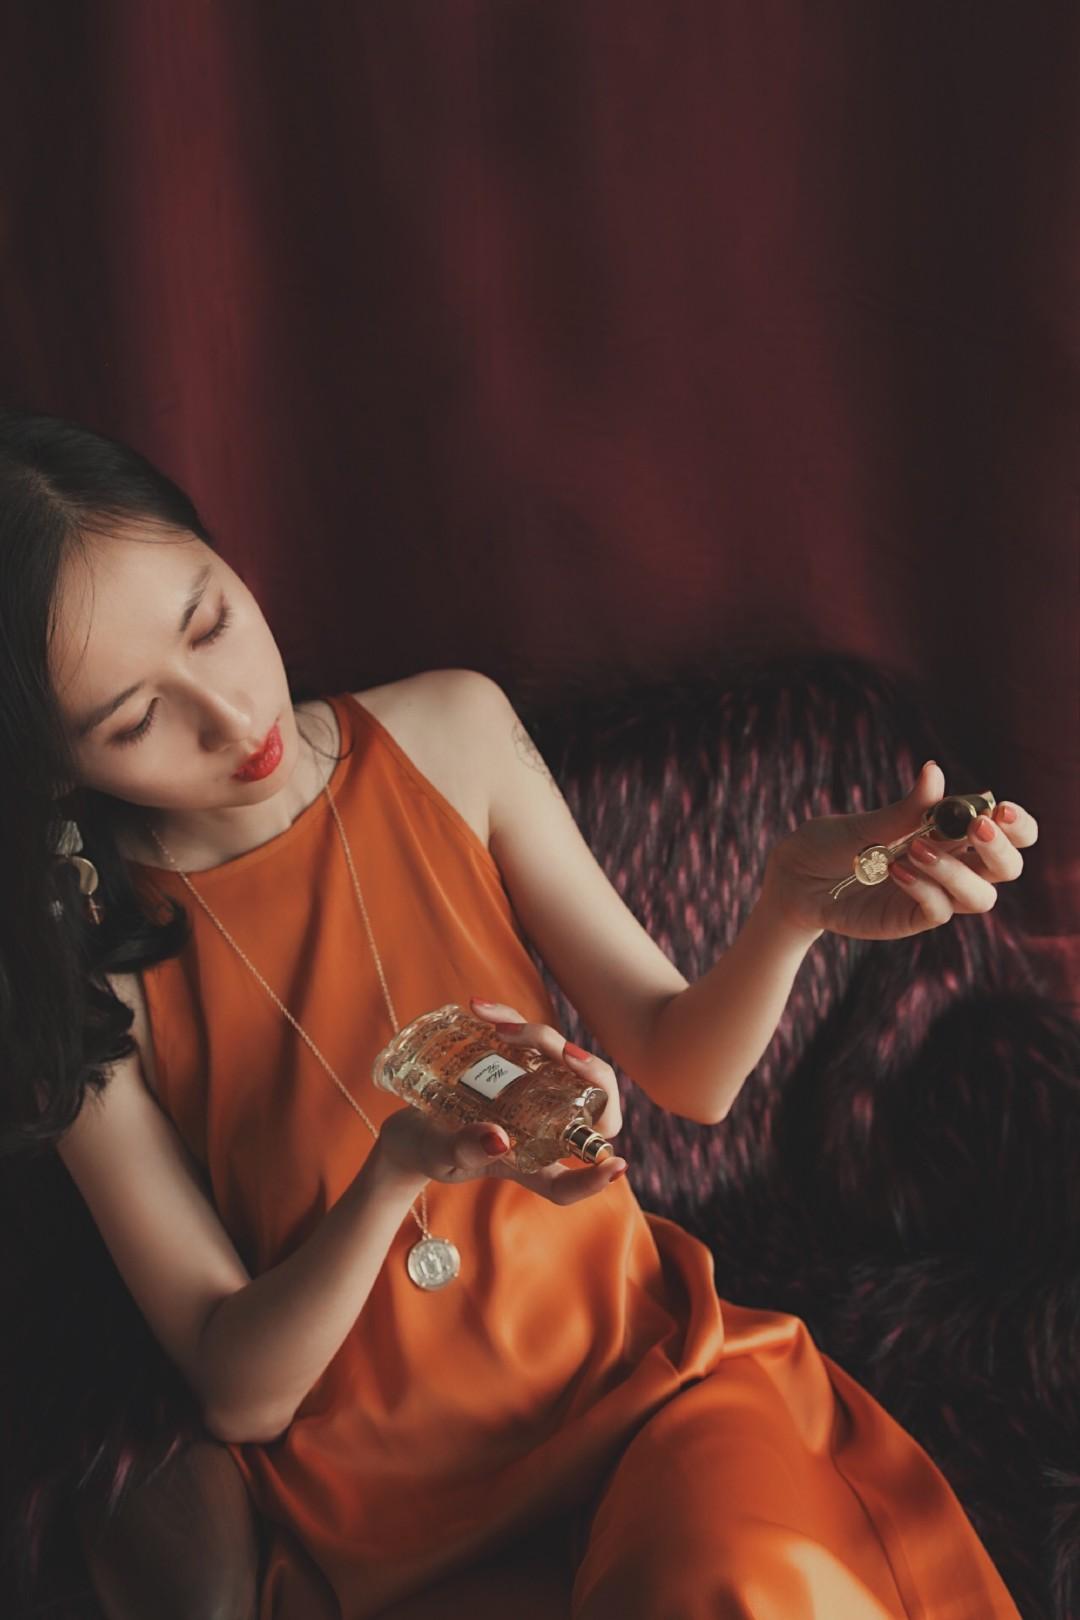 缎面橙子裙与美到极致的小众香水瓶收藏 夏天到了,阳光正好。 皮草沙发遇上橙色的缎面削肩长裙,色彩在彼此间糅开。 趁着午后,在家拍了自用的两瓶香,我的最爱:Guerlain娇兰帝王之水珍藏版与Creed信仰white flowers白花 。庆幸在这个现代简约的时代,还能拥有她们。  摩登复古永远经典,最耐得住时间揣摩的,要么经典的极简,要么最极致的精致。🎥透过这样的瓶身,仿佛看见黑胶唱片丝绒裙摆下的旧时光。 #爱长裙#